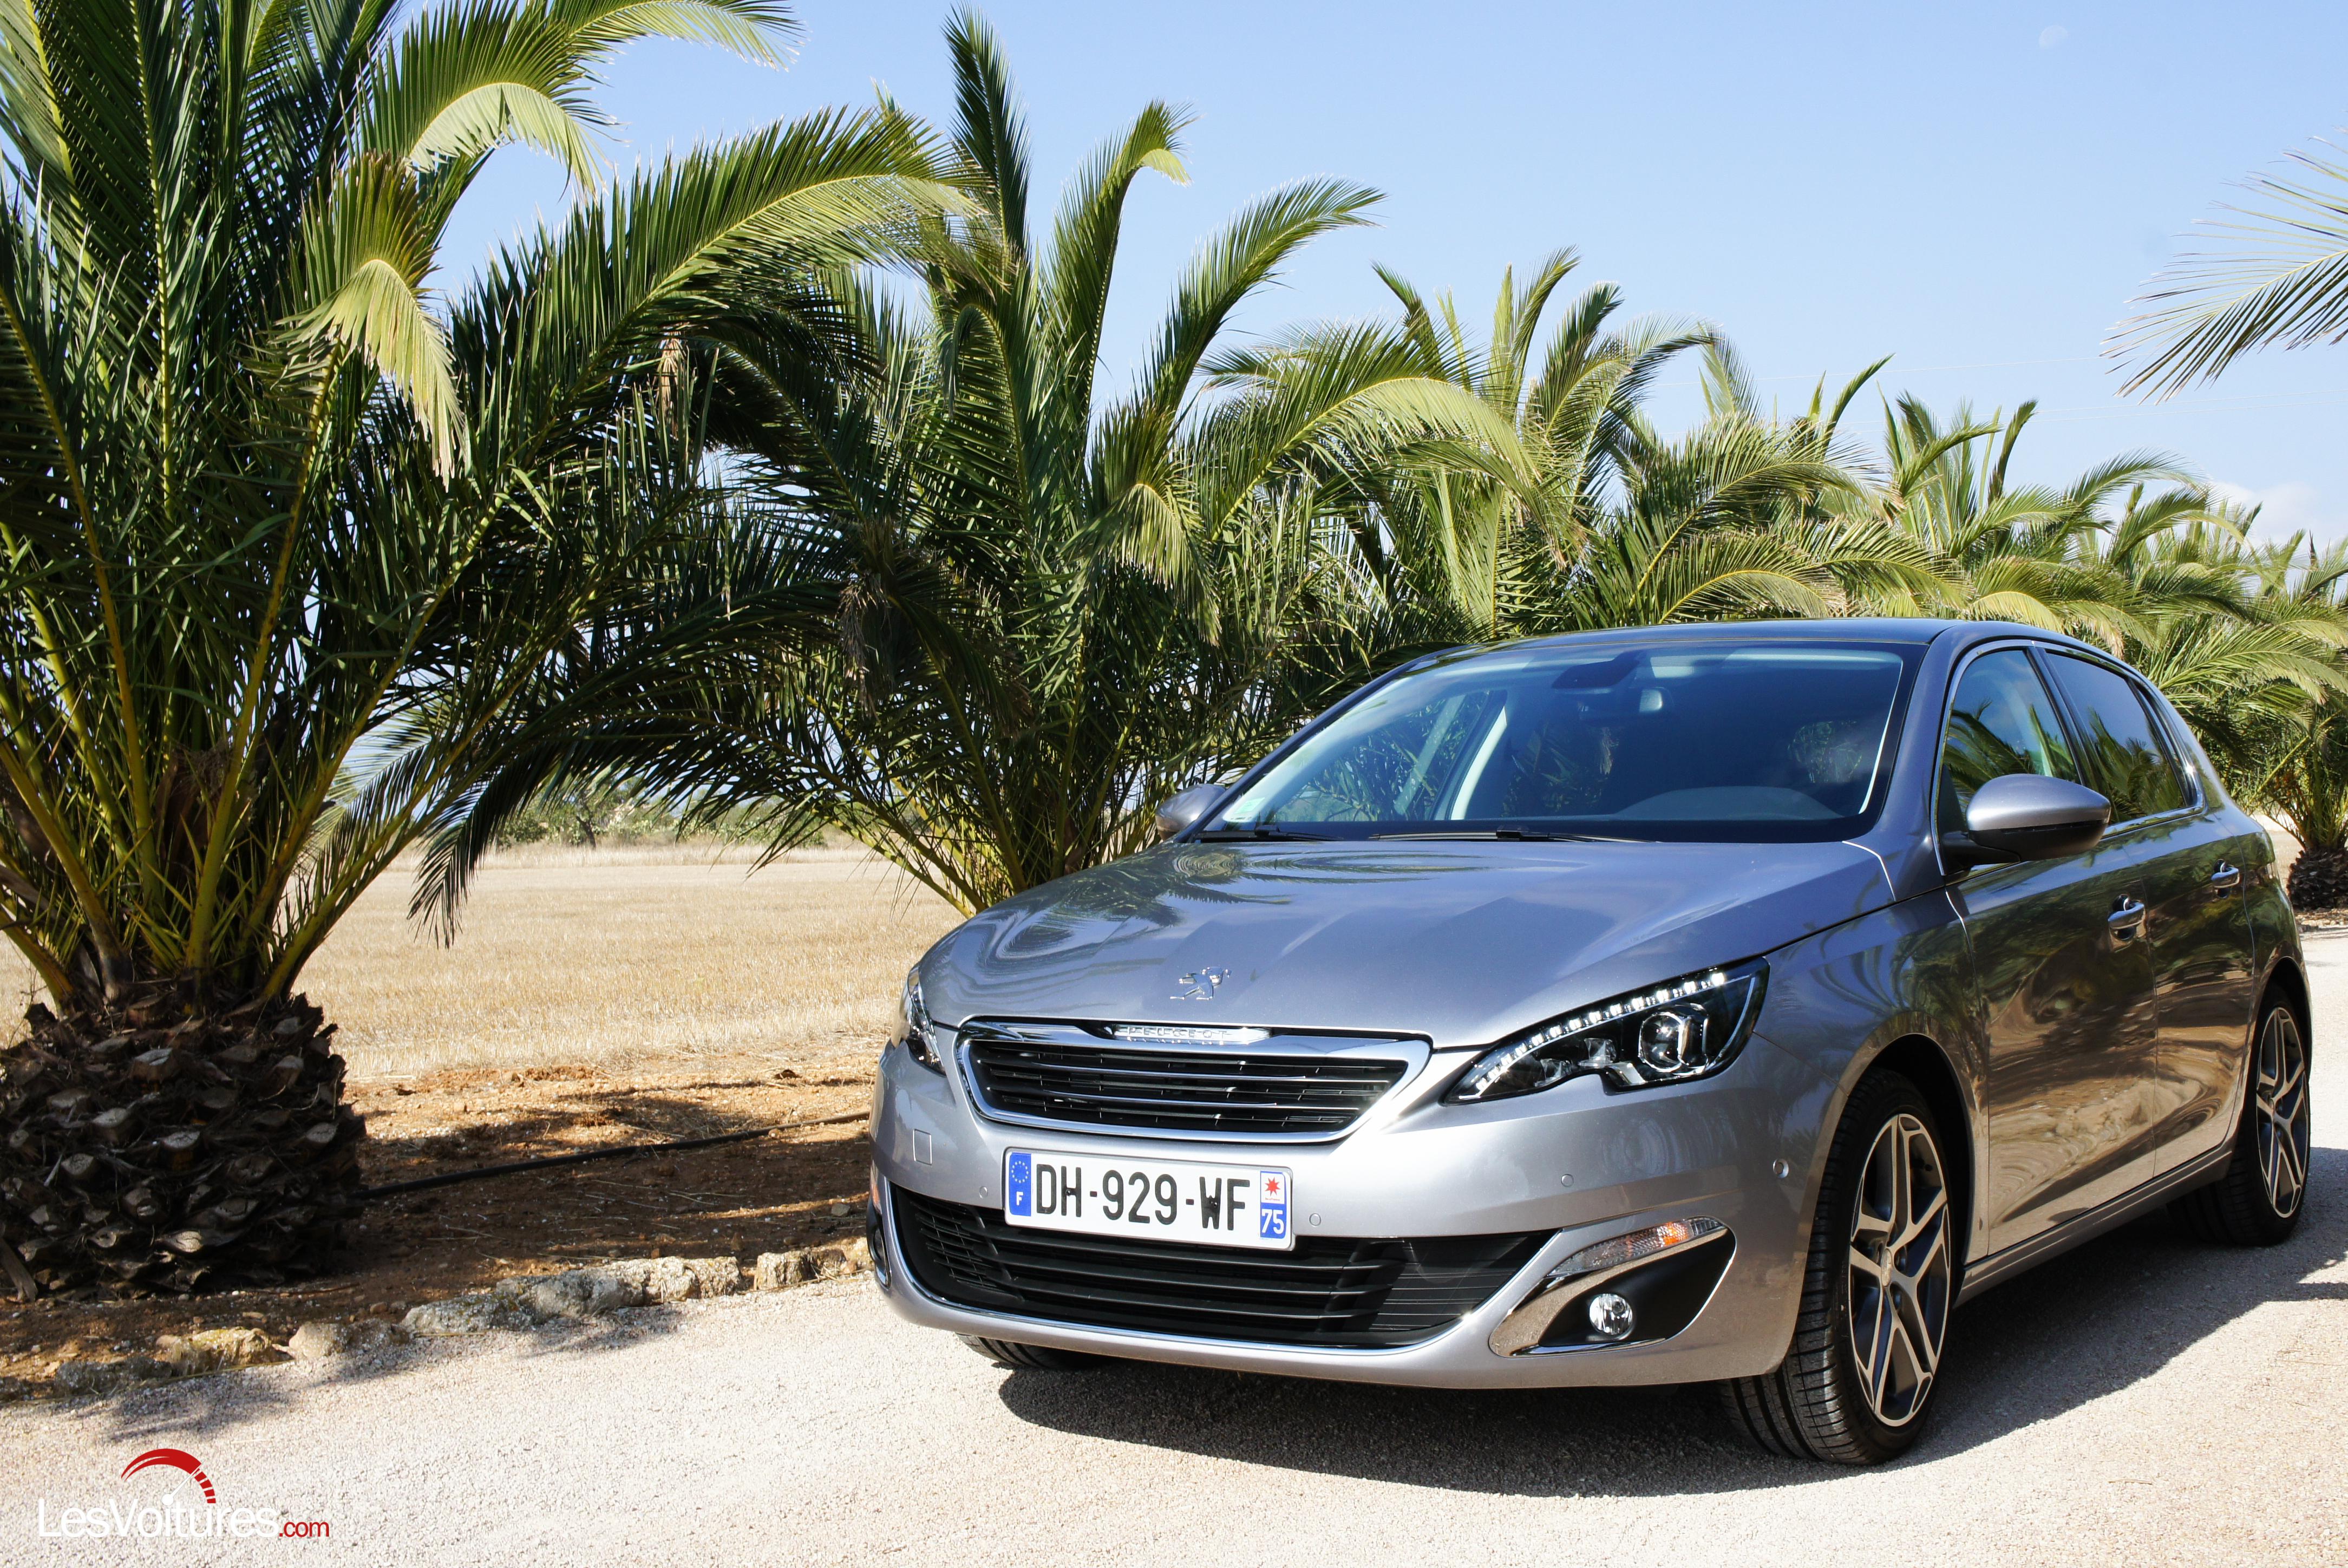 Peugeot 308 1.2 L PureTech 130 : la nouvelle boîte fait bondir la féline !